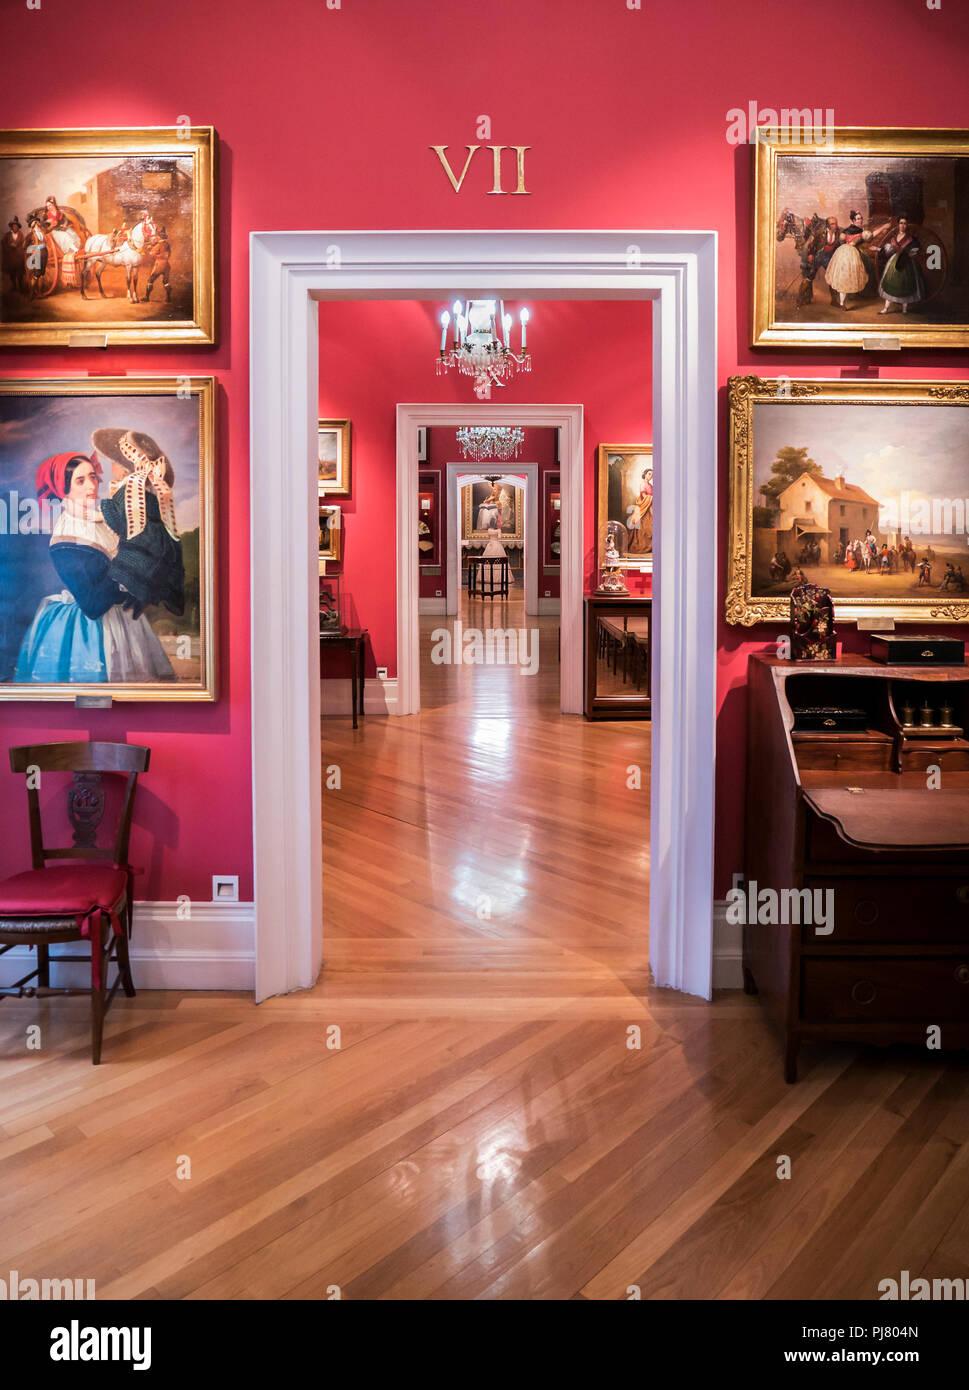 Museo del Romanticismo. Madrid. España Immagini Stock